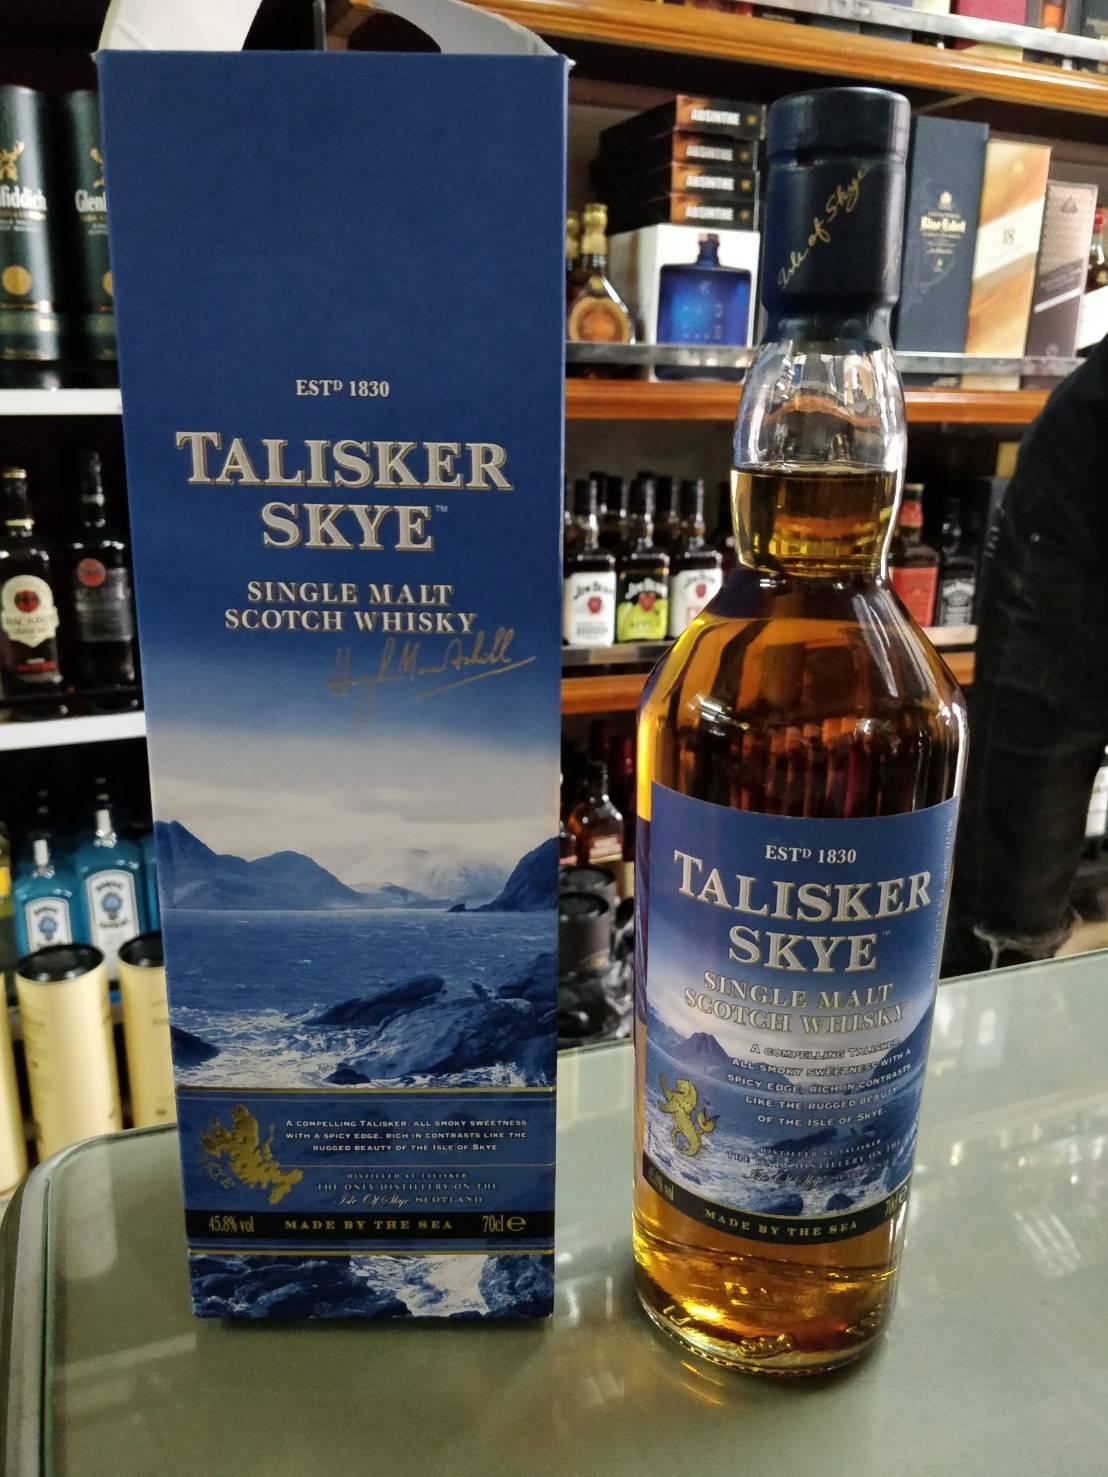 Talisker Skye 70cl ( 45.8% )